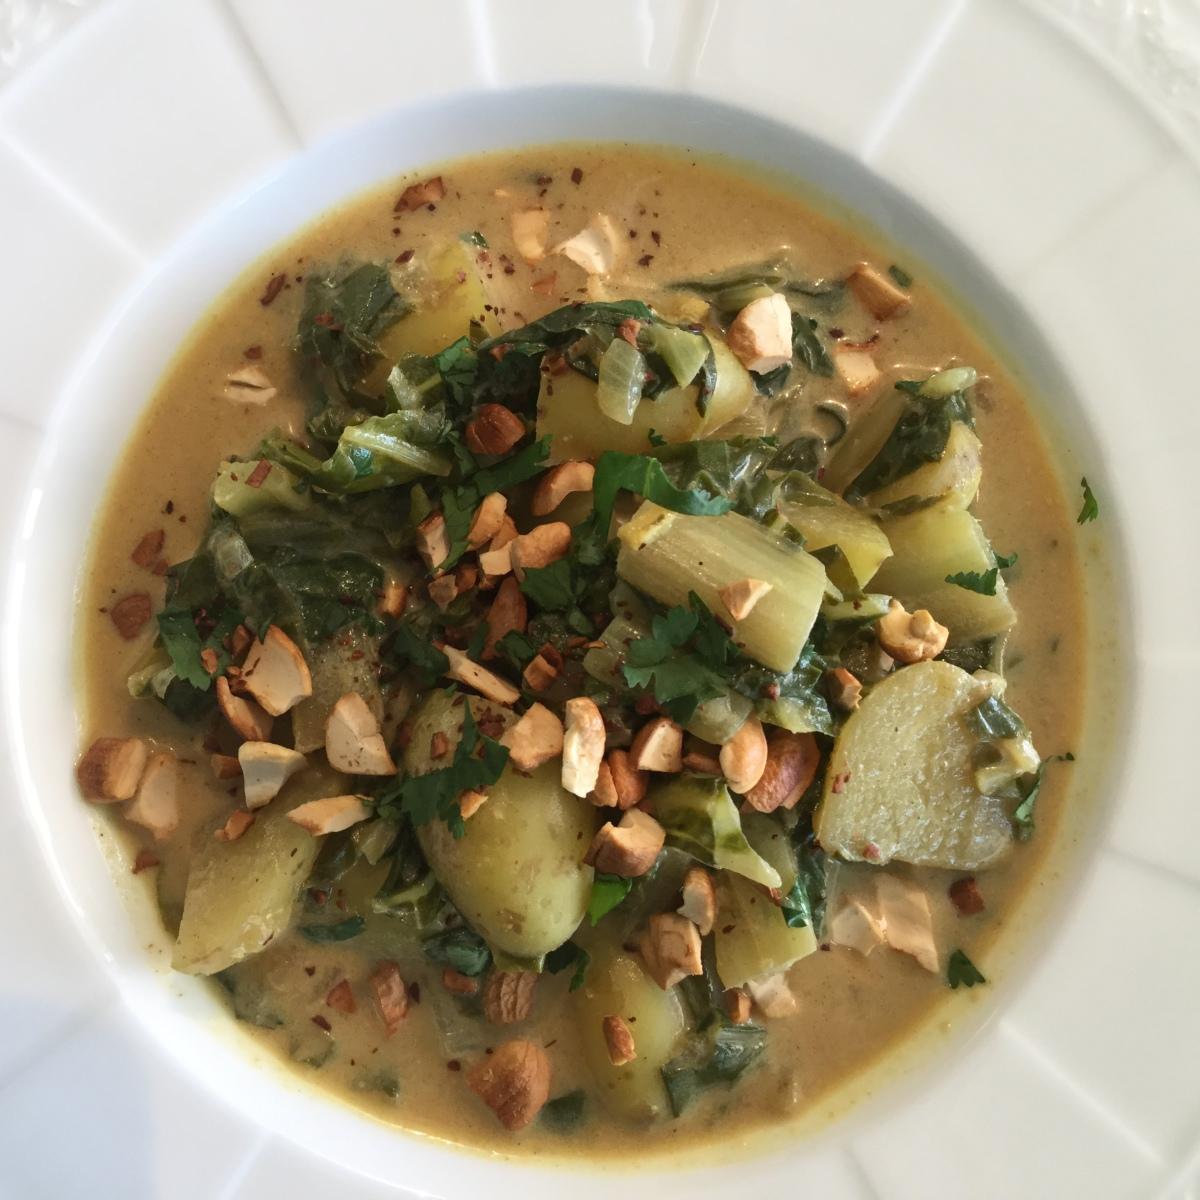 Curry mit Krautstiel/Mangold und neuen Kartoffeln